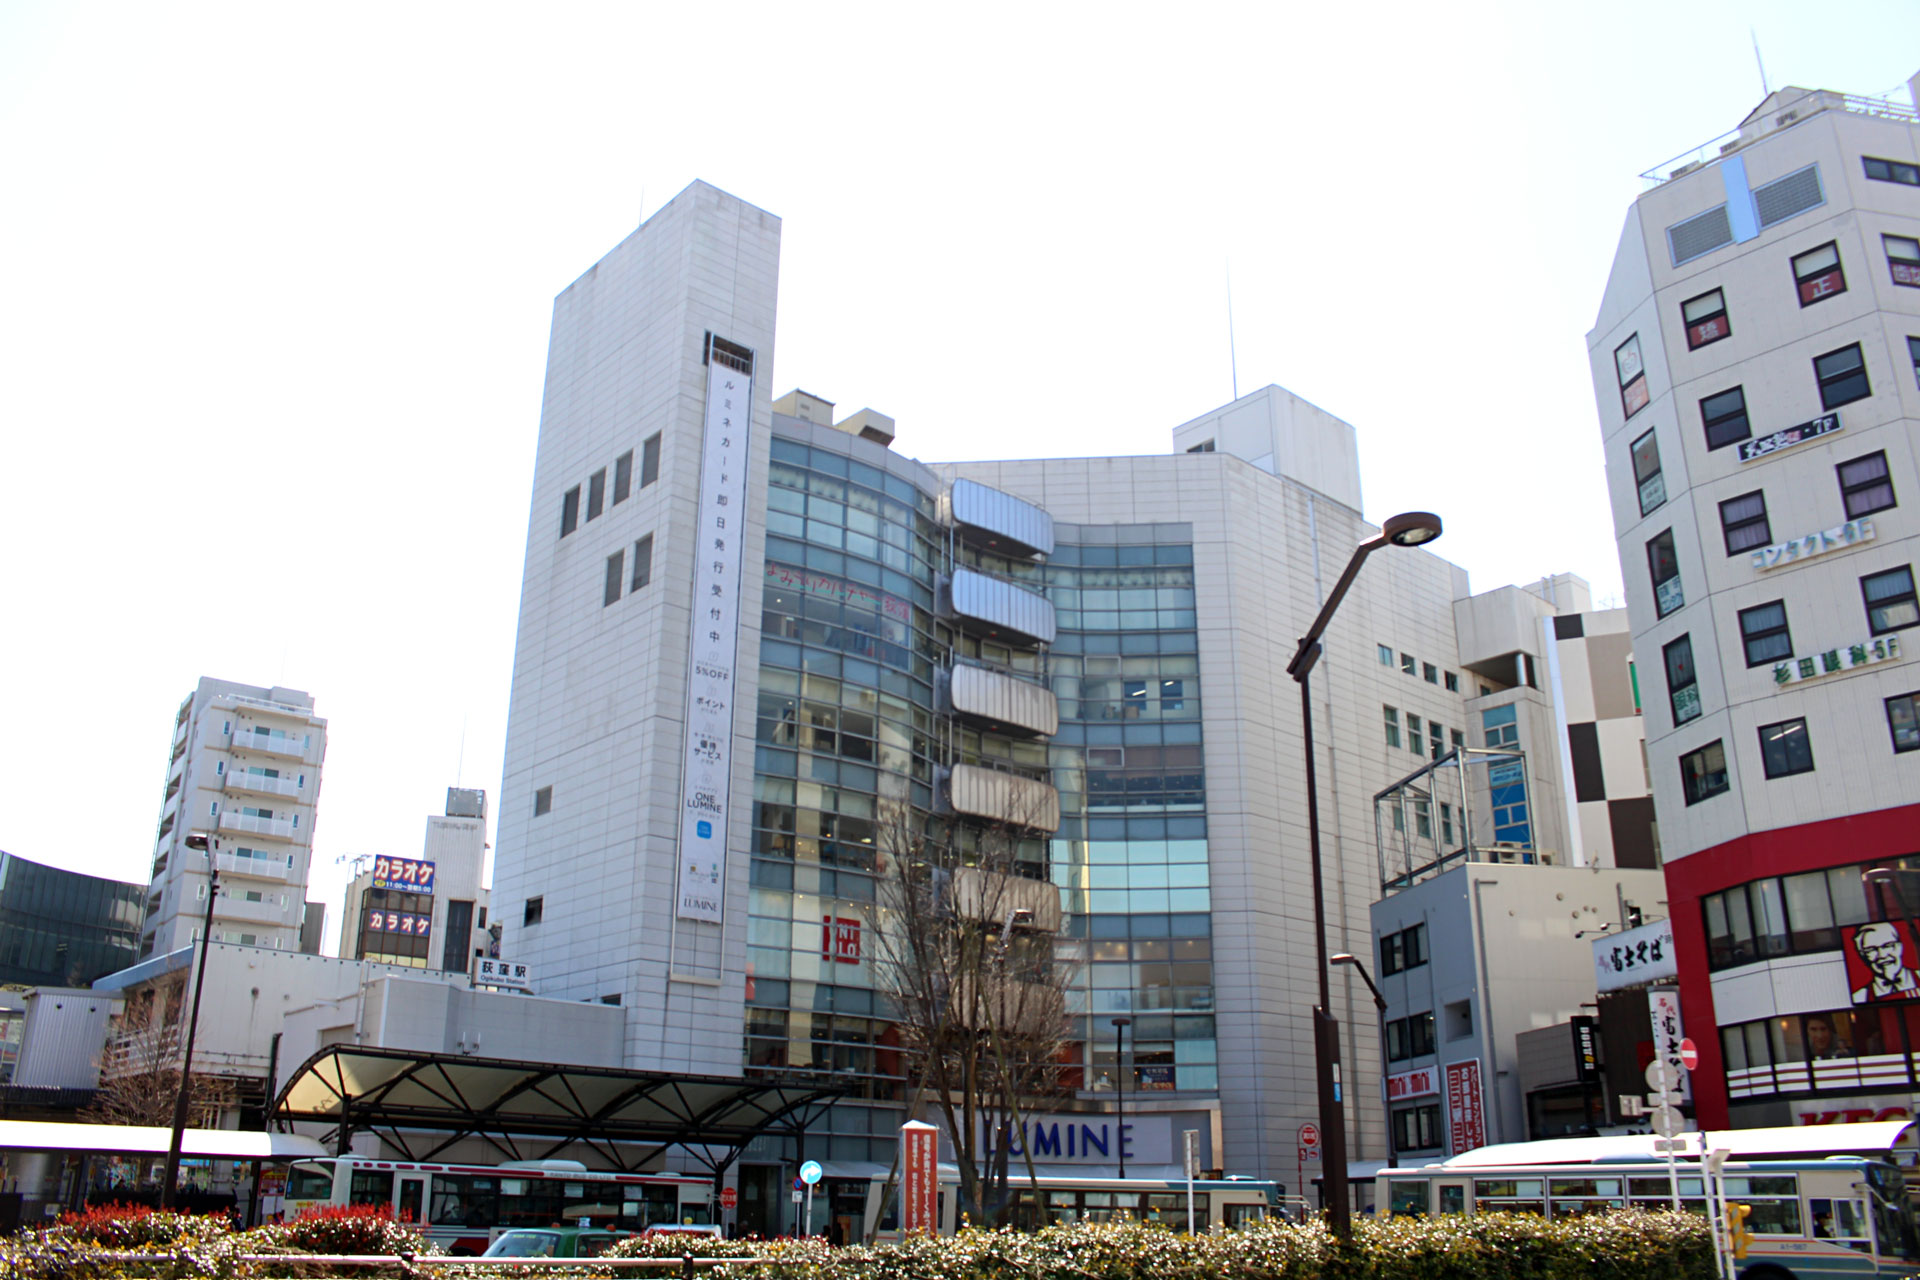 杉並区のレンタルスペース - 軒先ビジネス【貸店舗や期間限定 ...